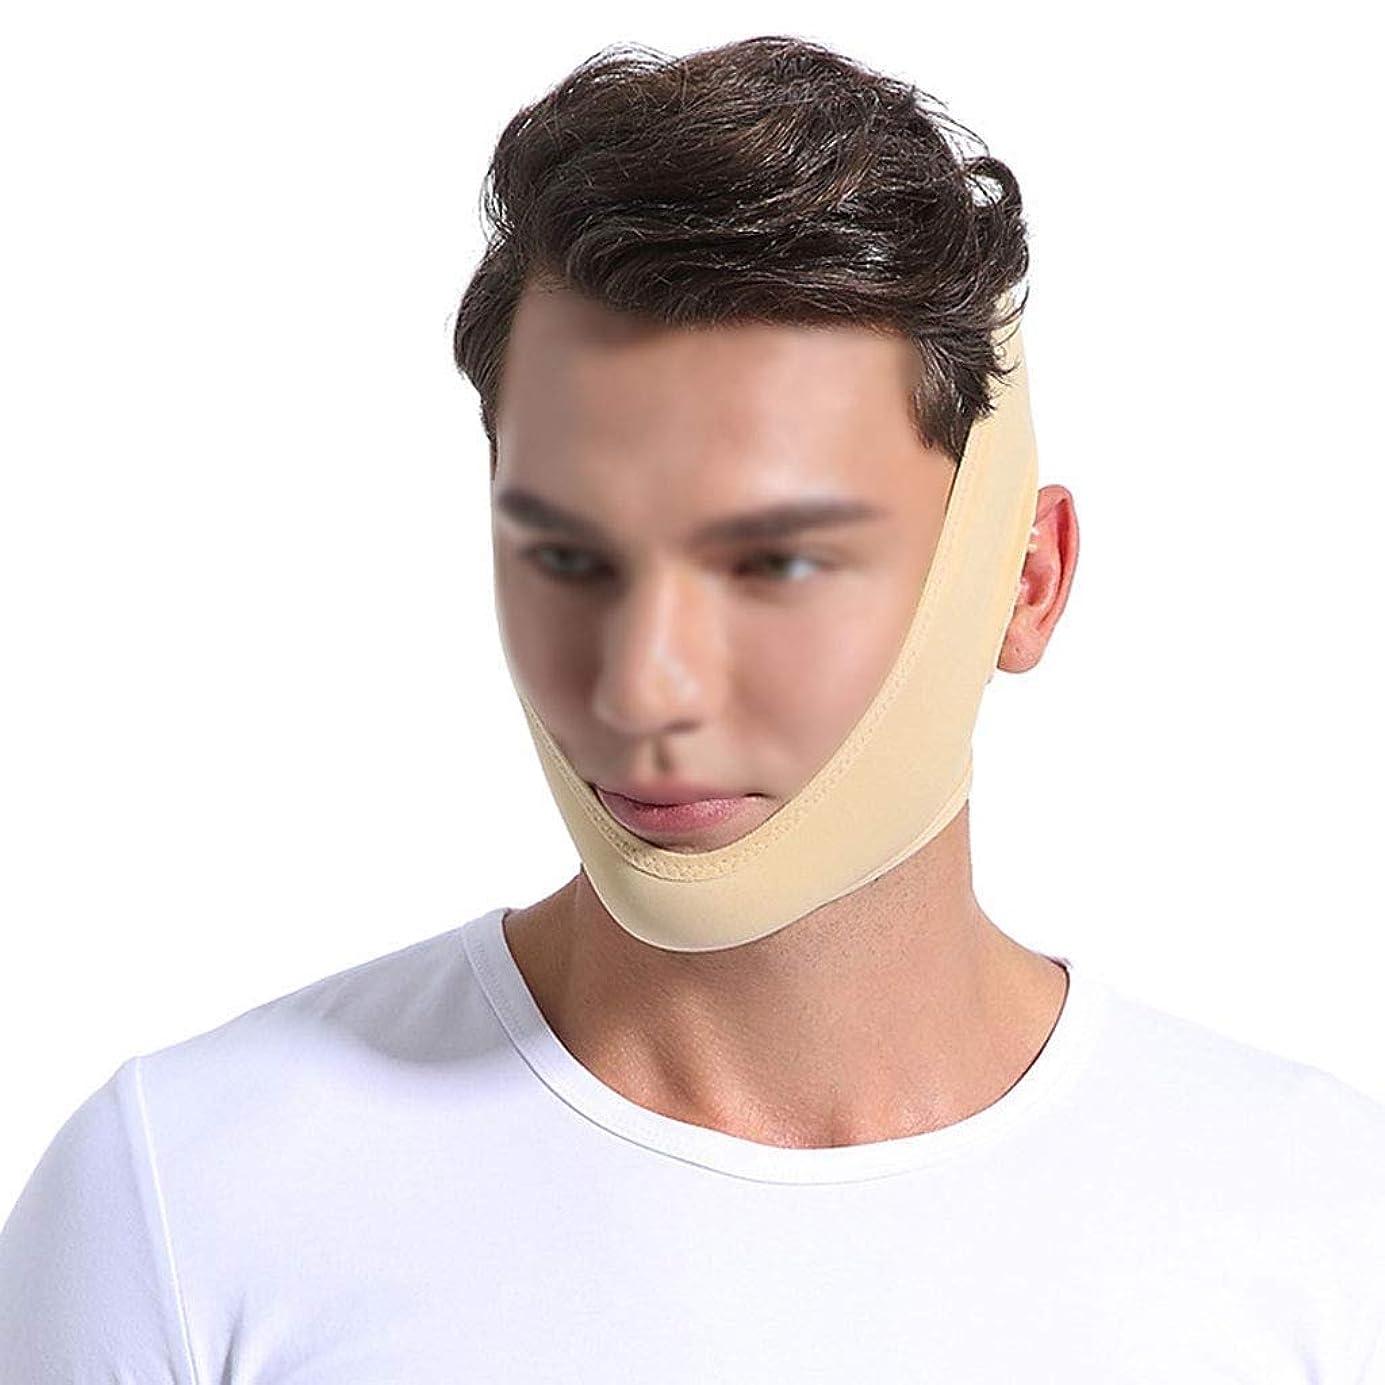 倫理的ドラッグ強度医療用ワイヤーカービング後、リフティングマスクを再開し、男性と女性の顔の弾性包帯のヘッドギアは小さなVフェイスの薄いフェイスマスクを結びました